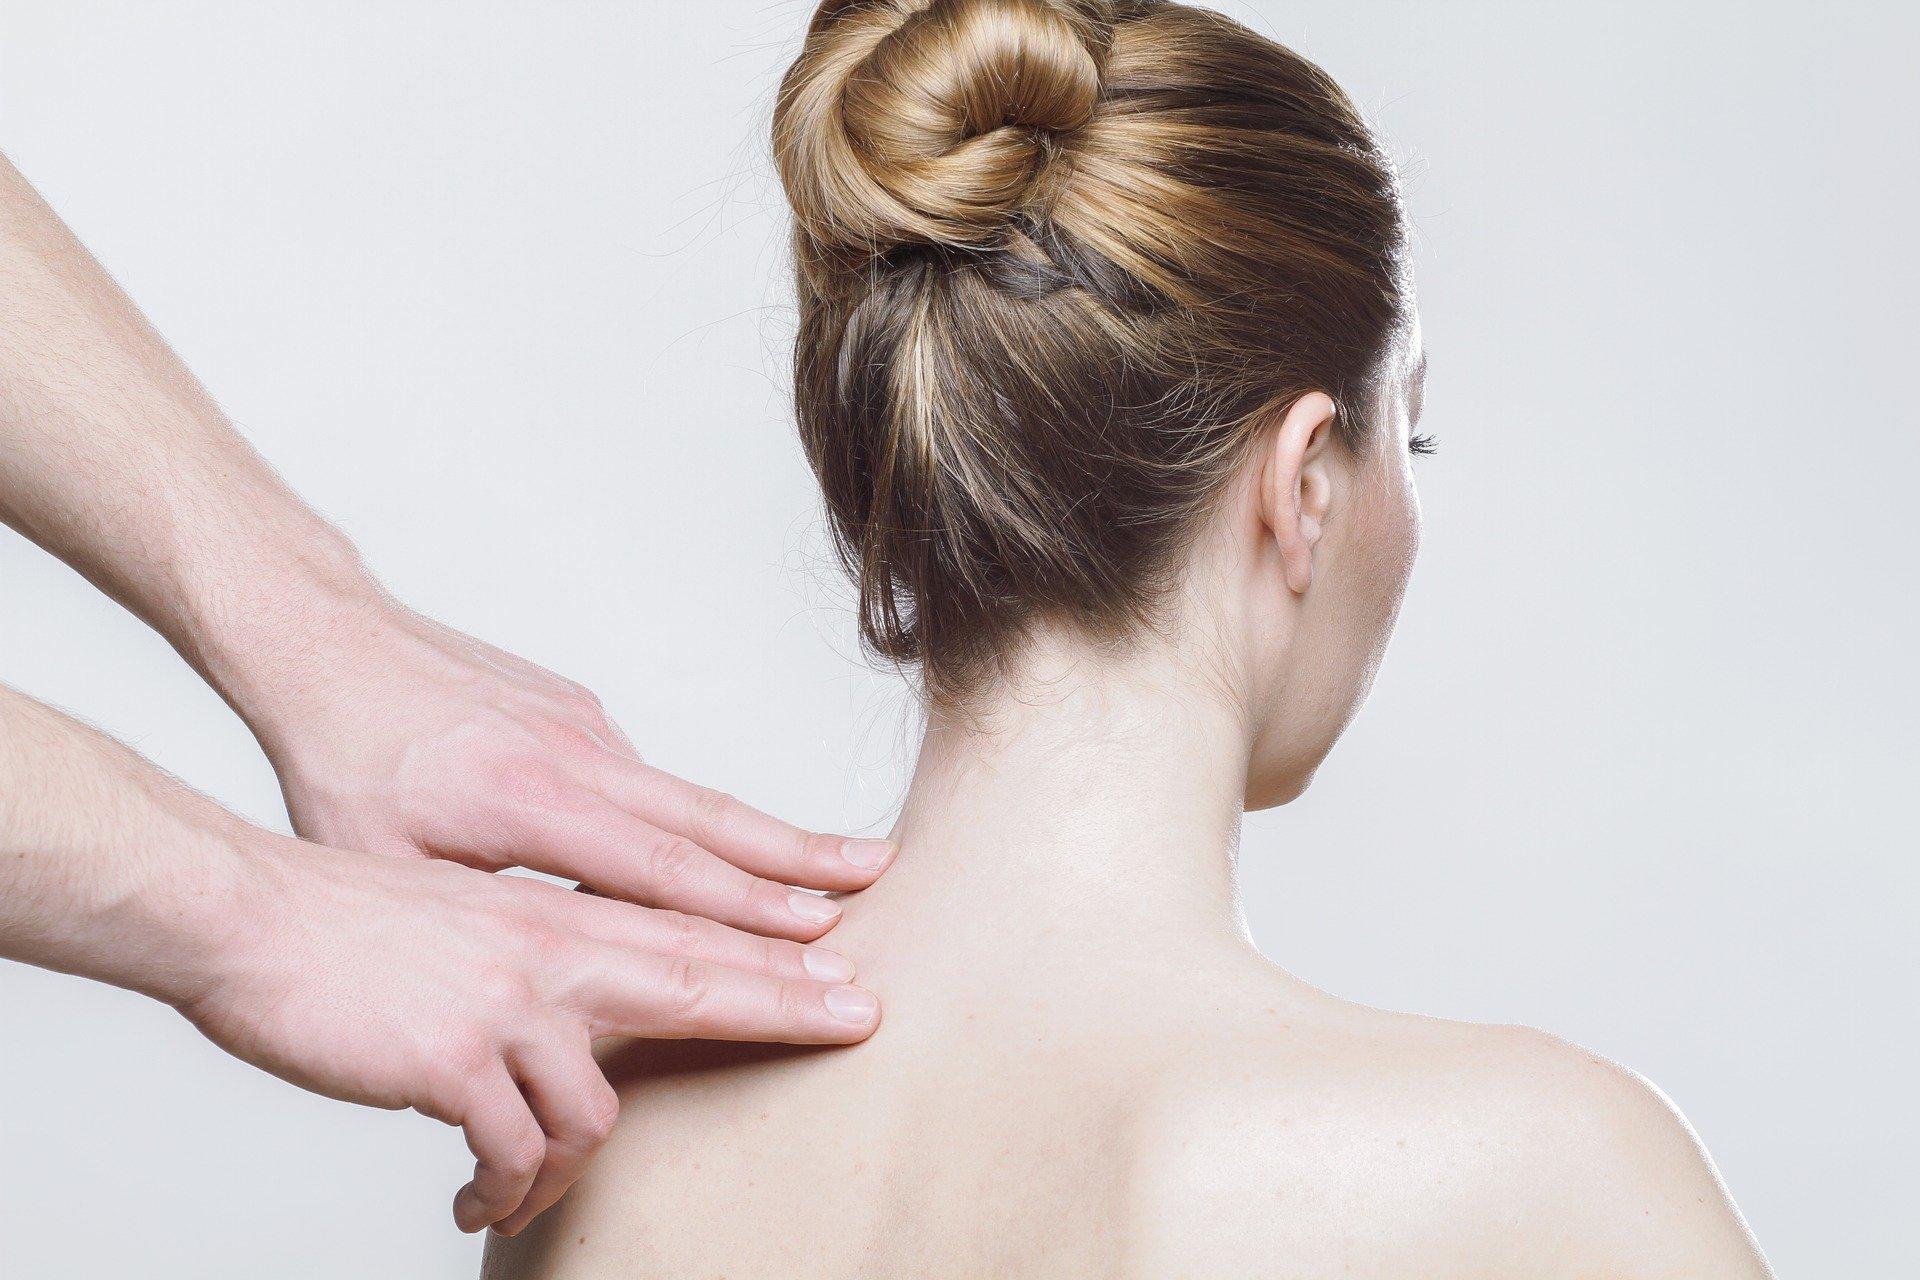 Fisioterapeutas / Medicina / Salud